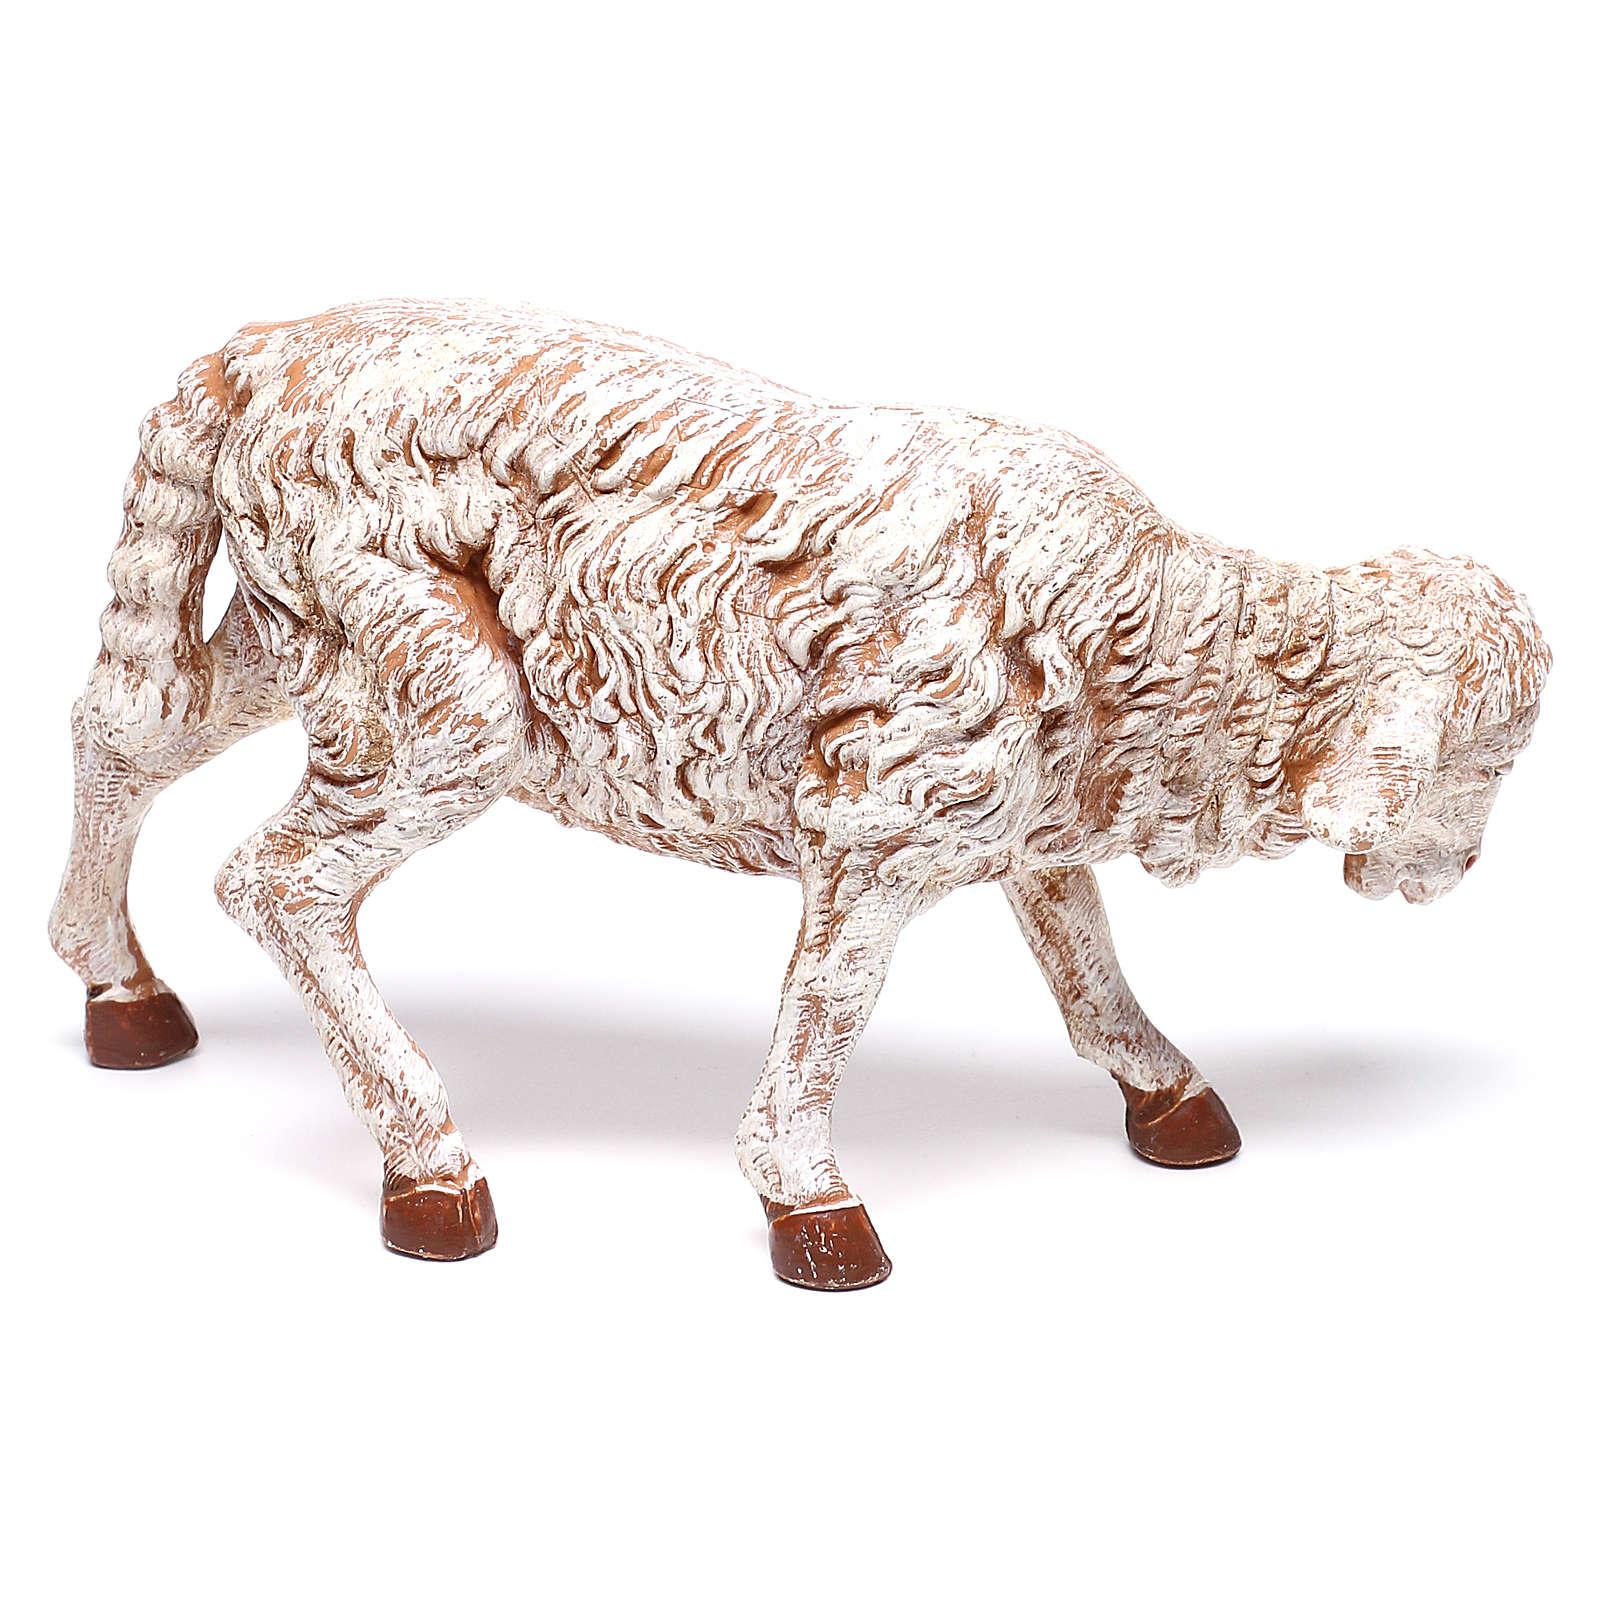 Owca 30 cm szopka Fontanini 4